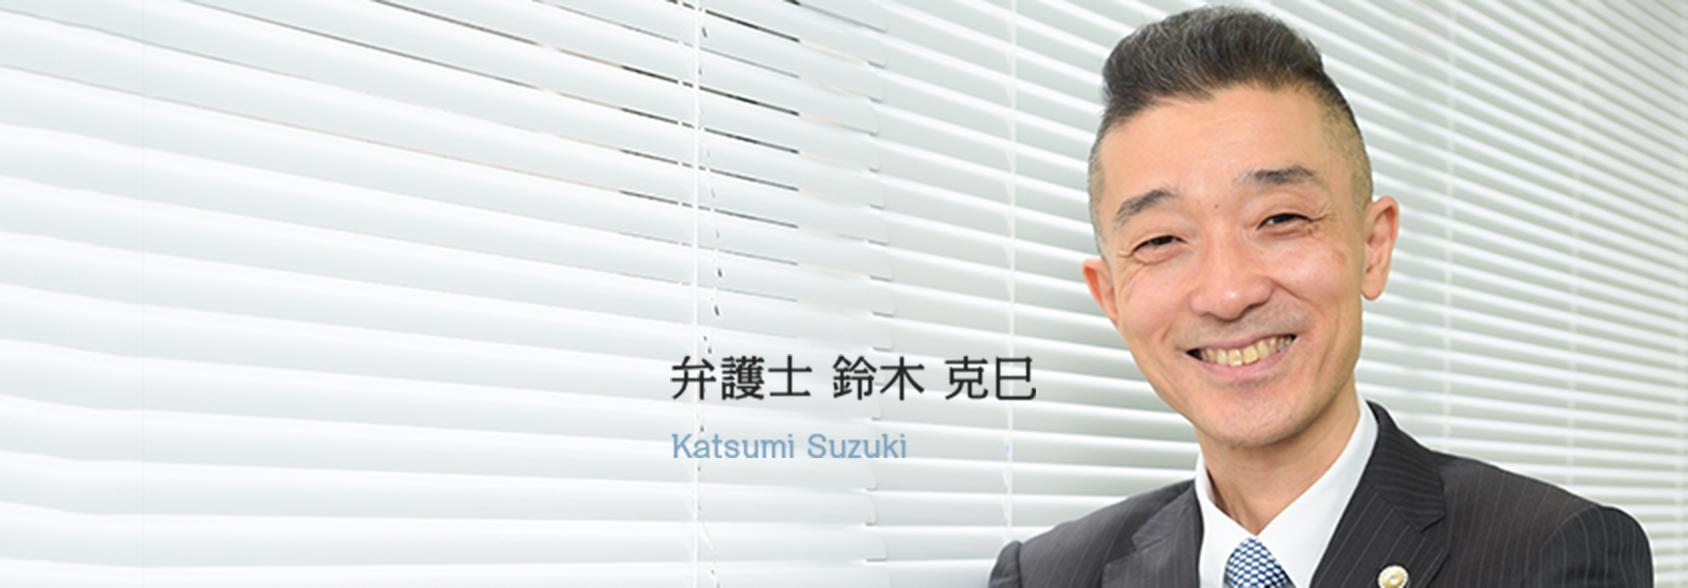 弁護士 鈴木 克巳 Katsumi Suzuki